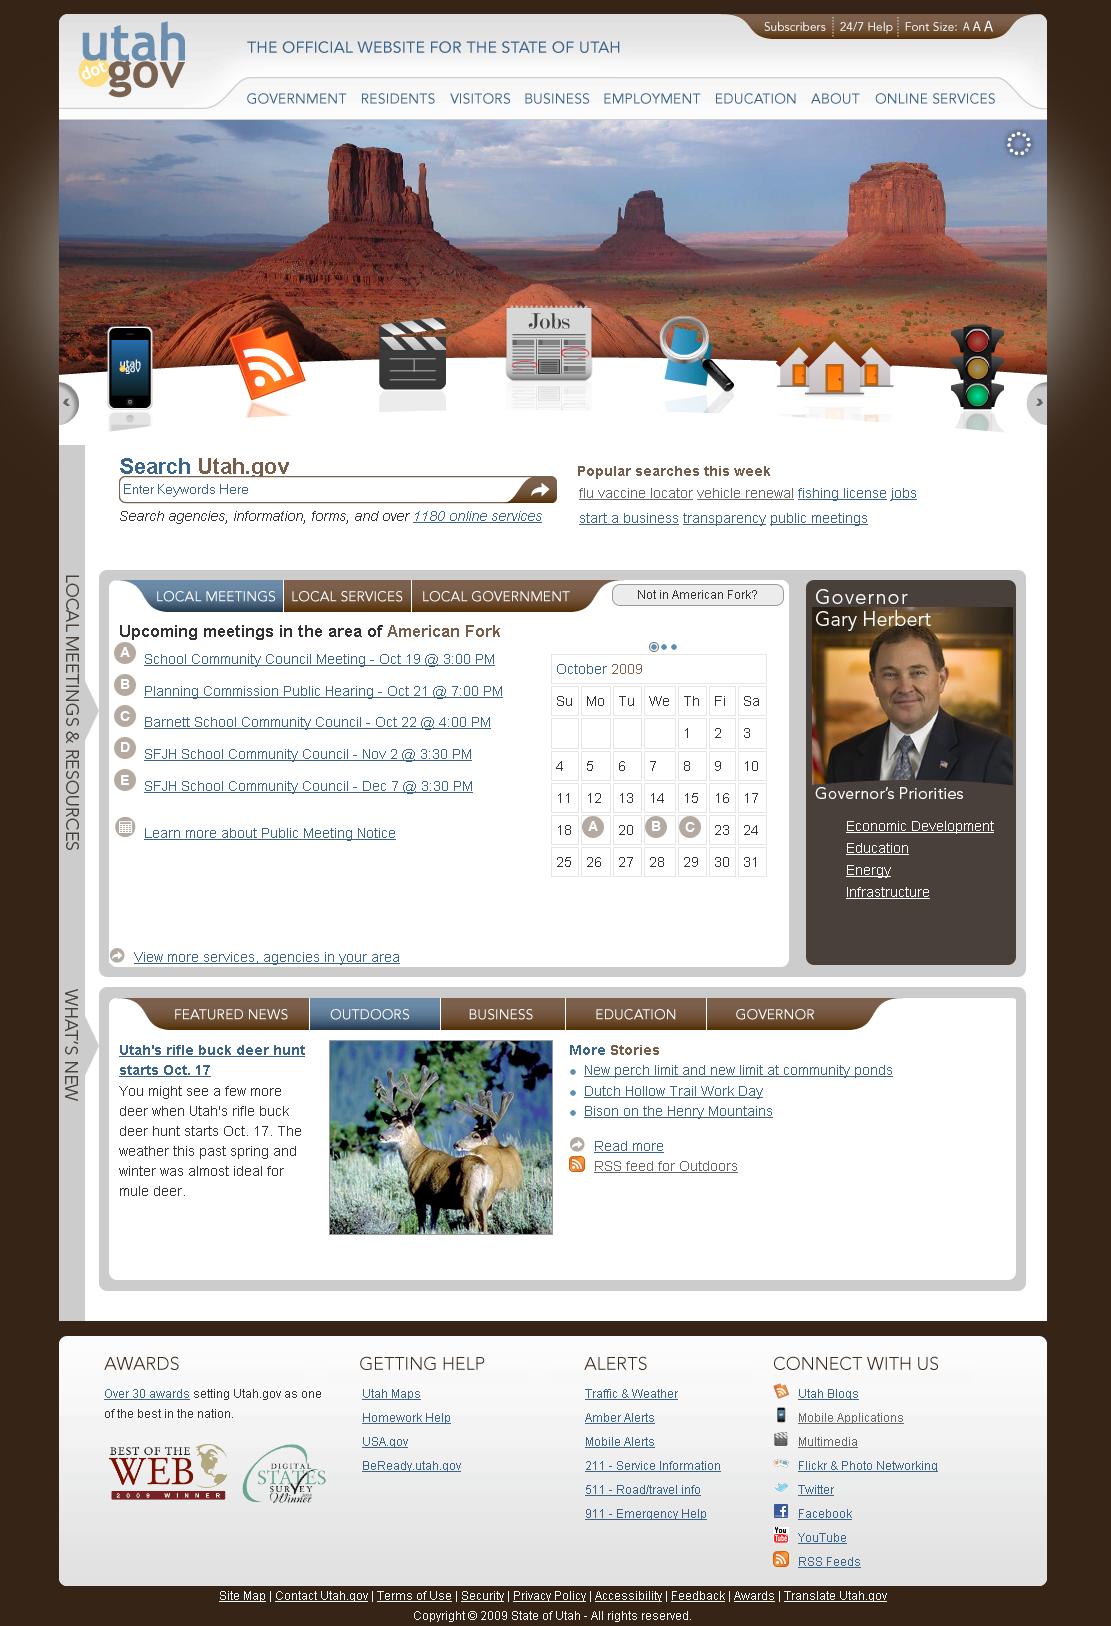 Utah.gov portal